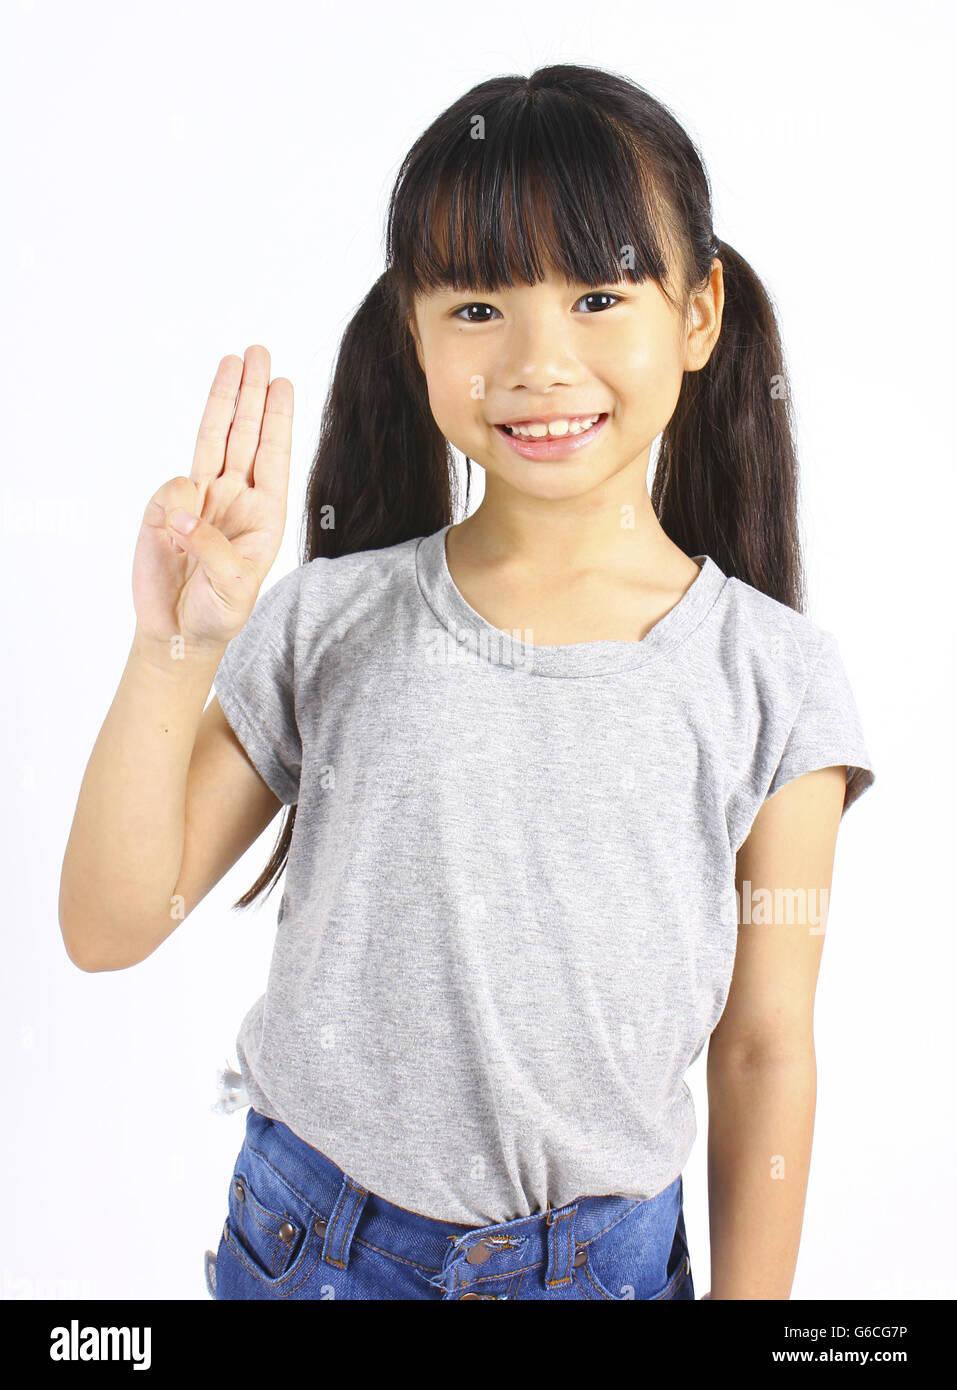 Portrait de jeune fille mignonne avec trois doigts isolated on white Photo Stock